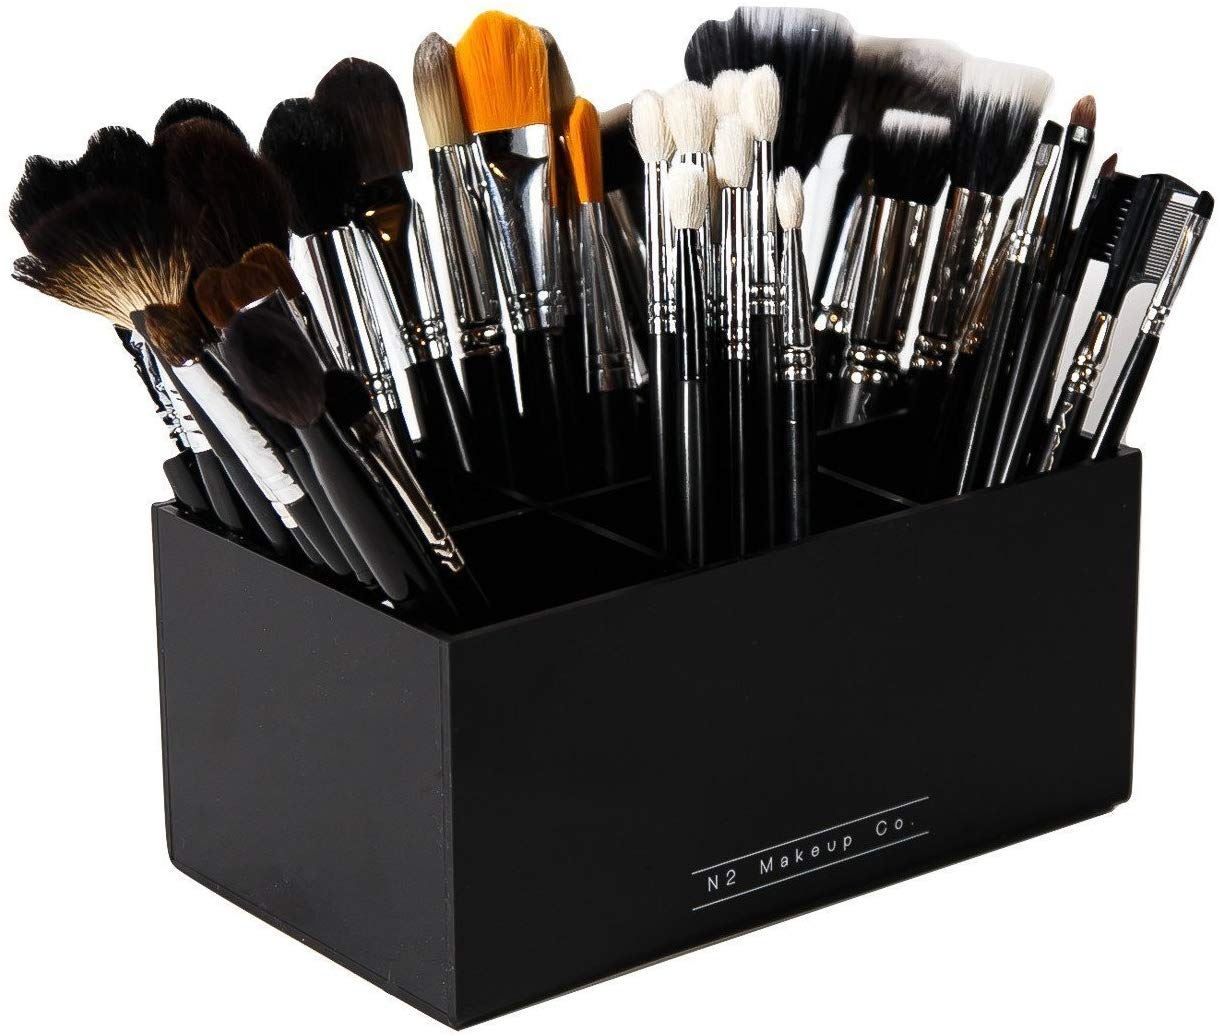 N2 makeup brush organizer